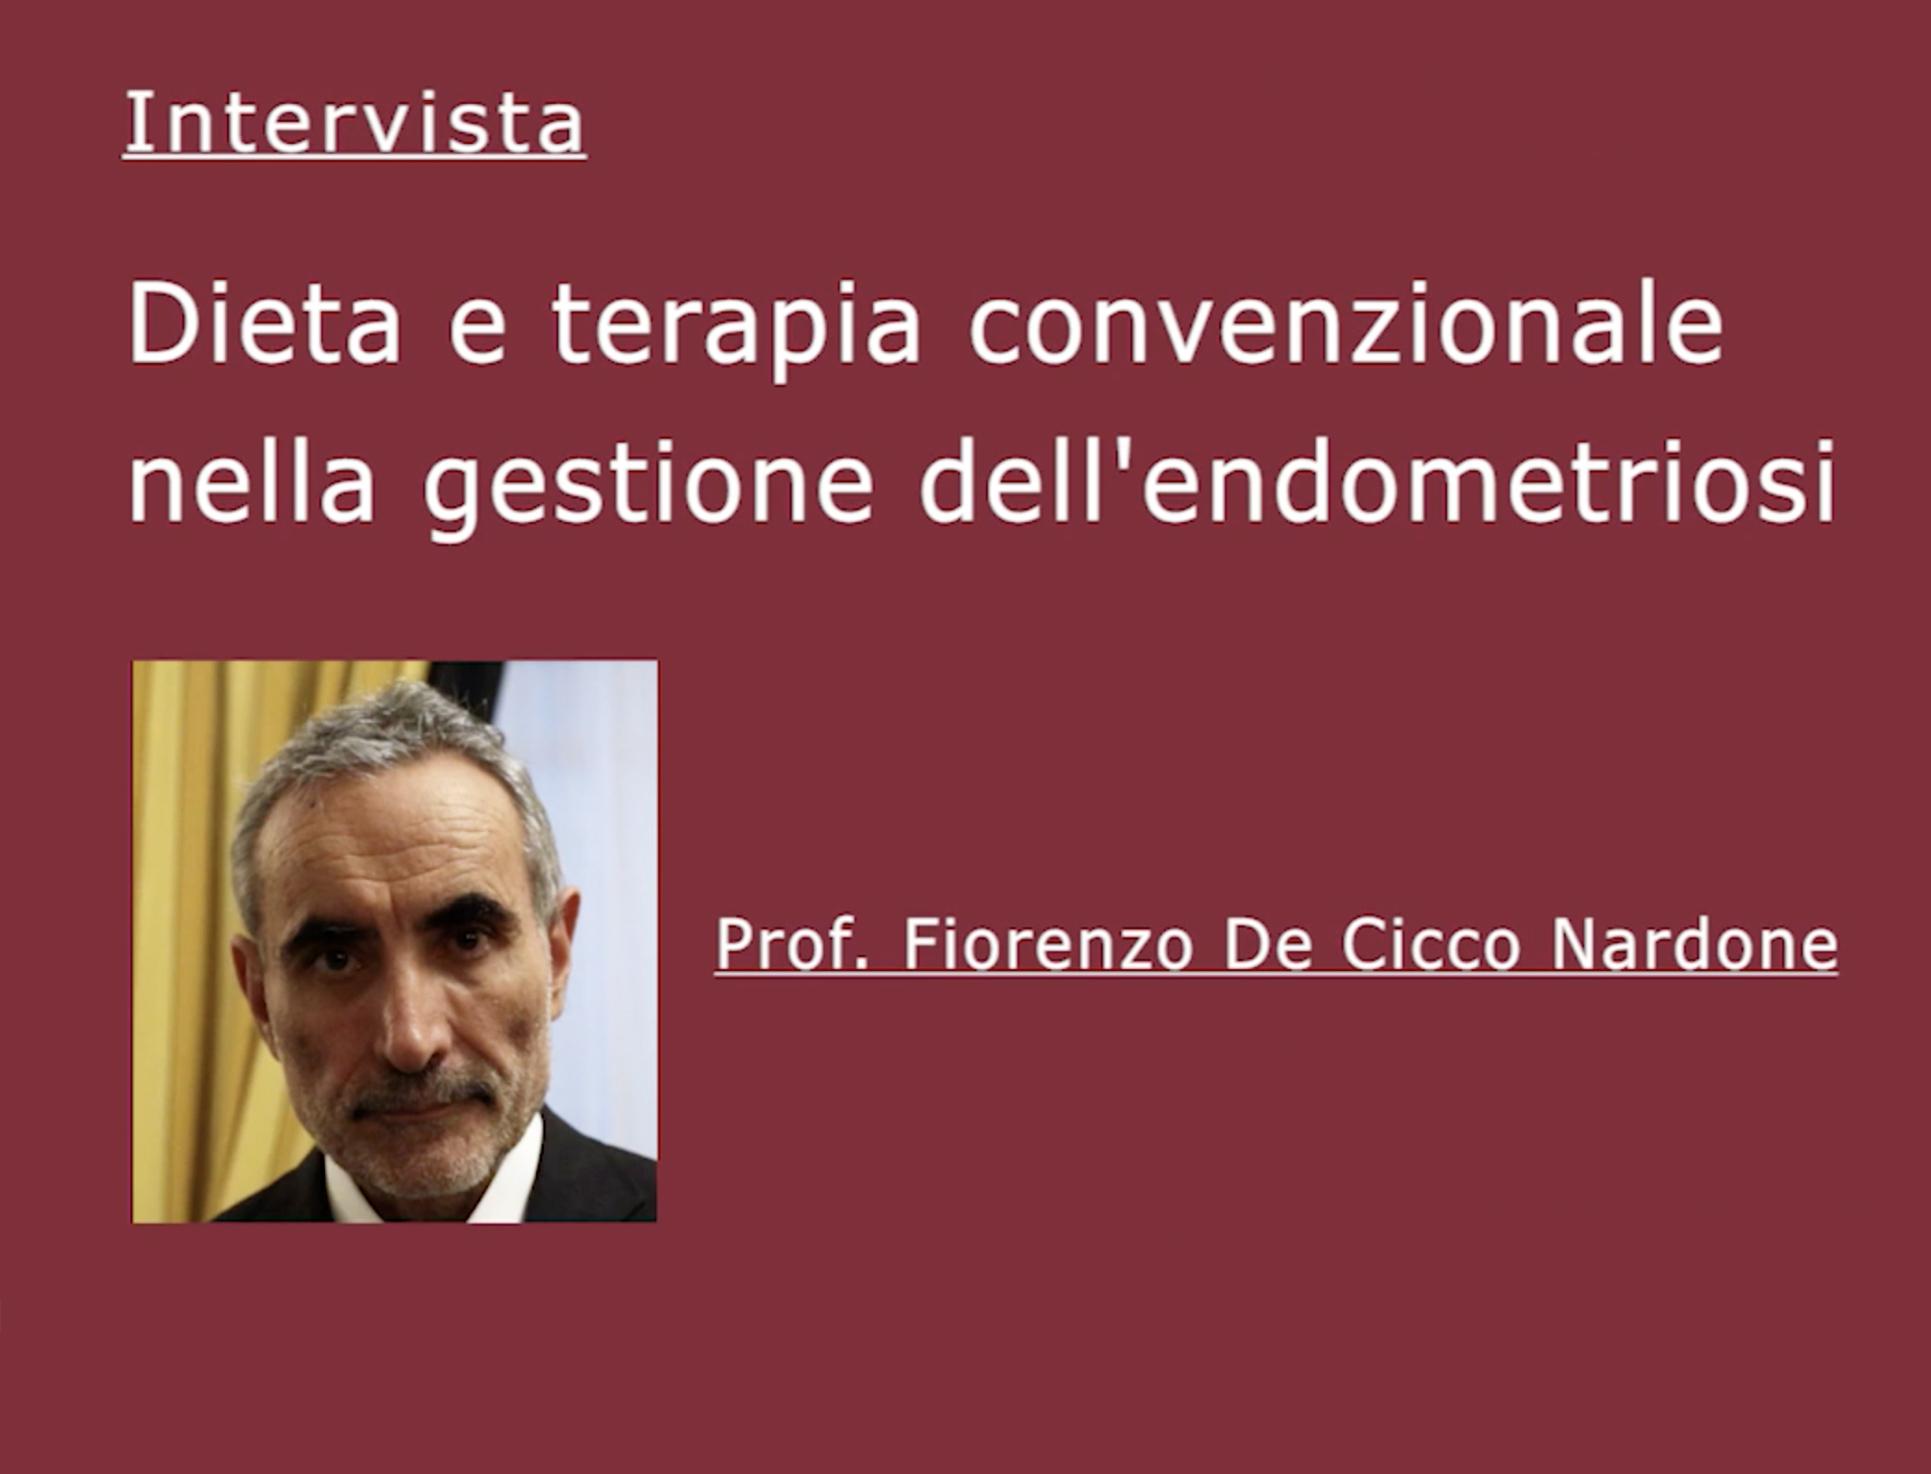 Prof. Fiorenzo De Cicco Nardone1